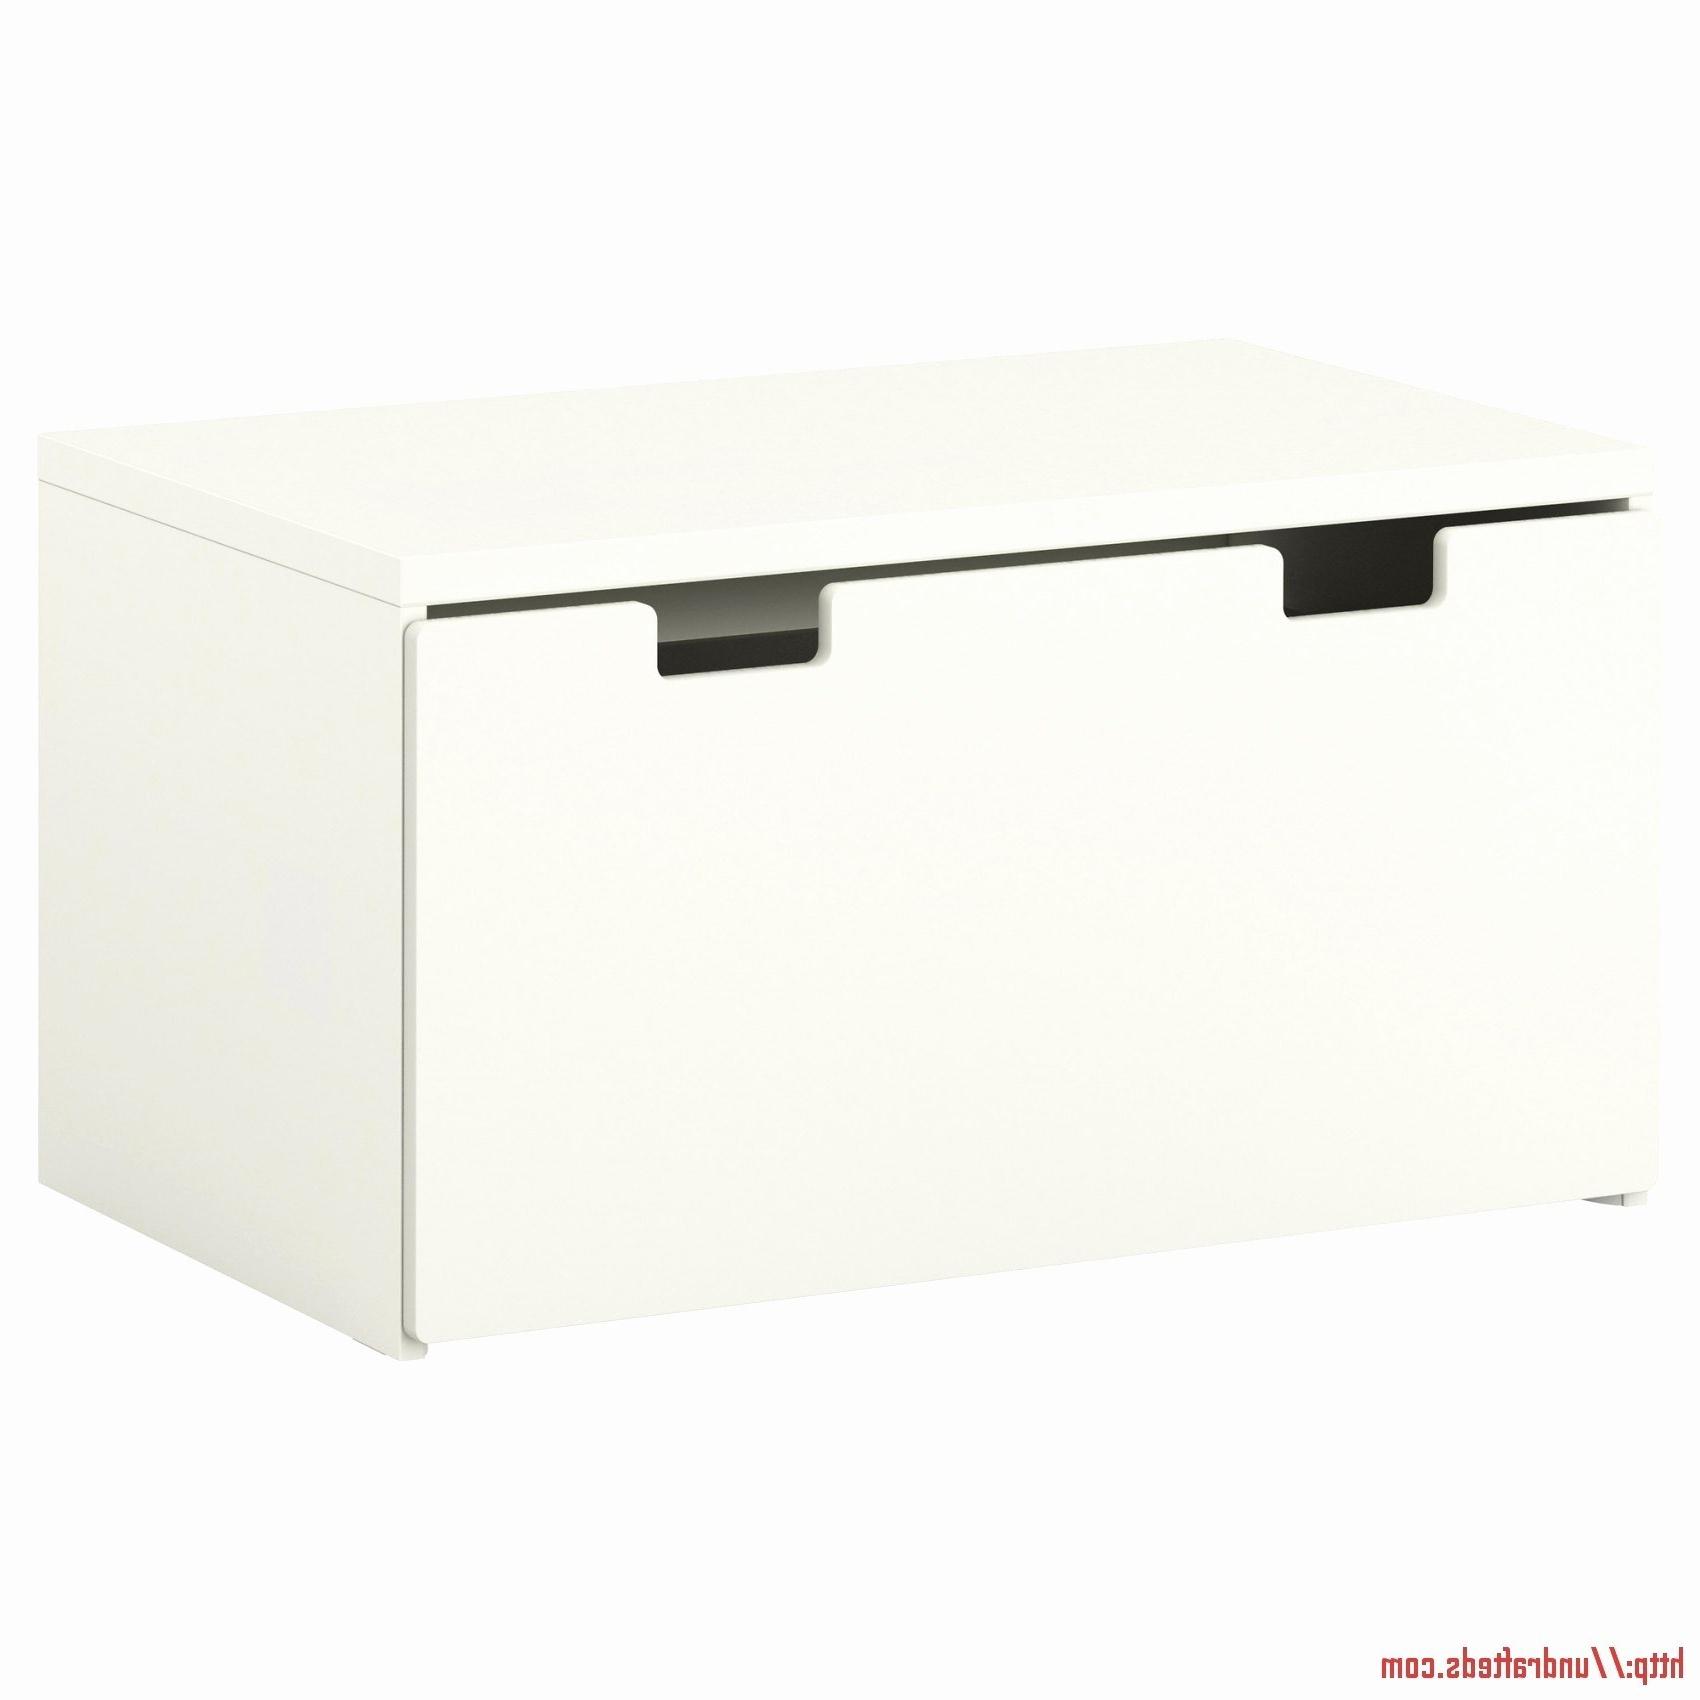 Caisse De Rangement Ikea | Venus Et Judes concernant Coffre De Jardin Ikea